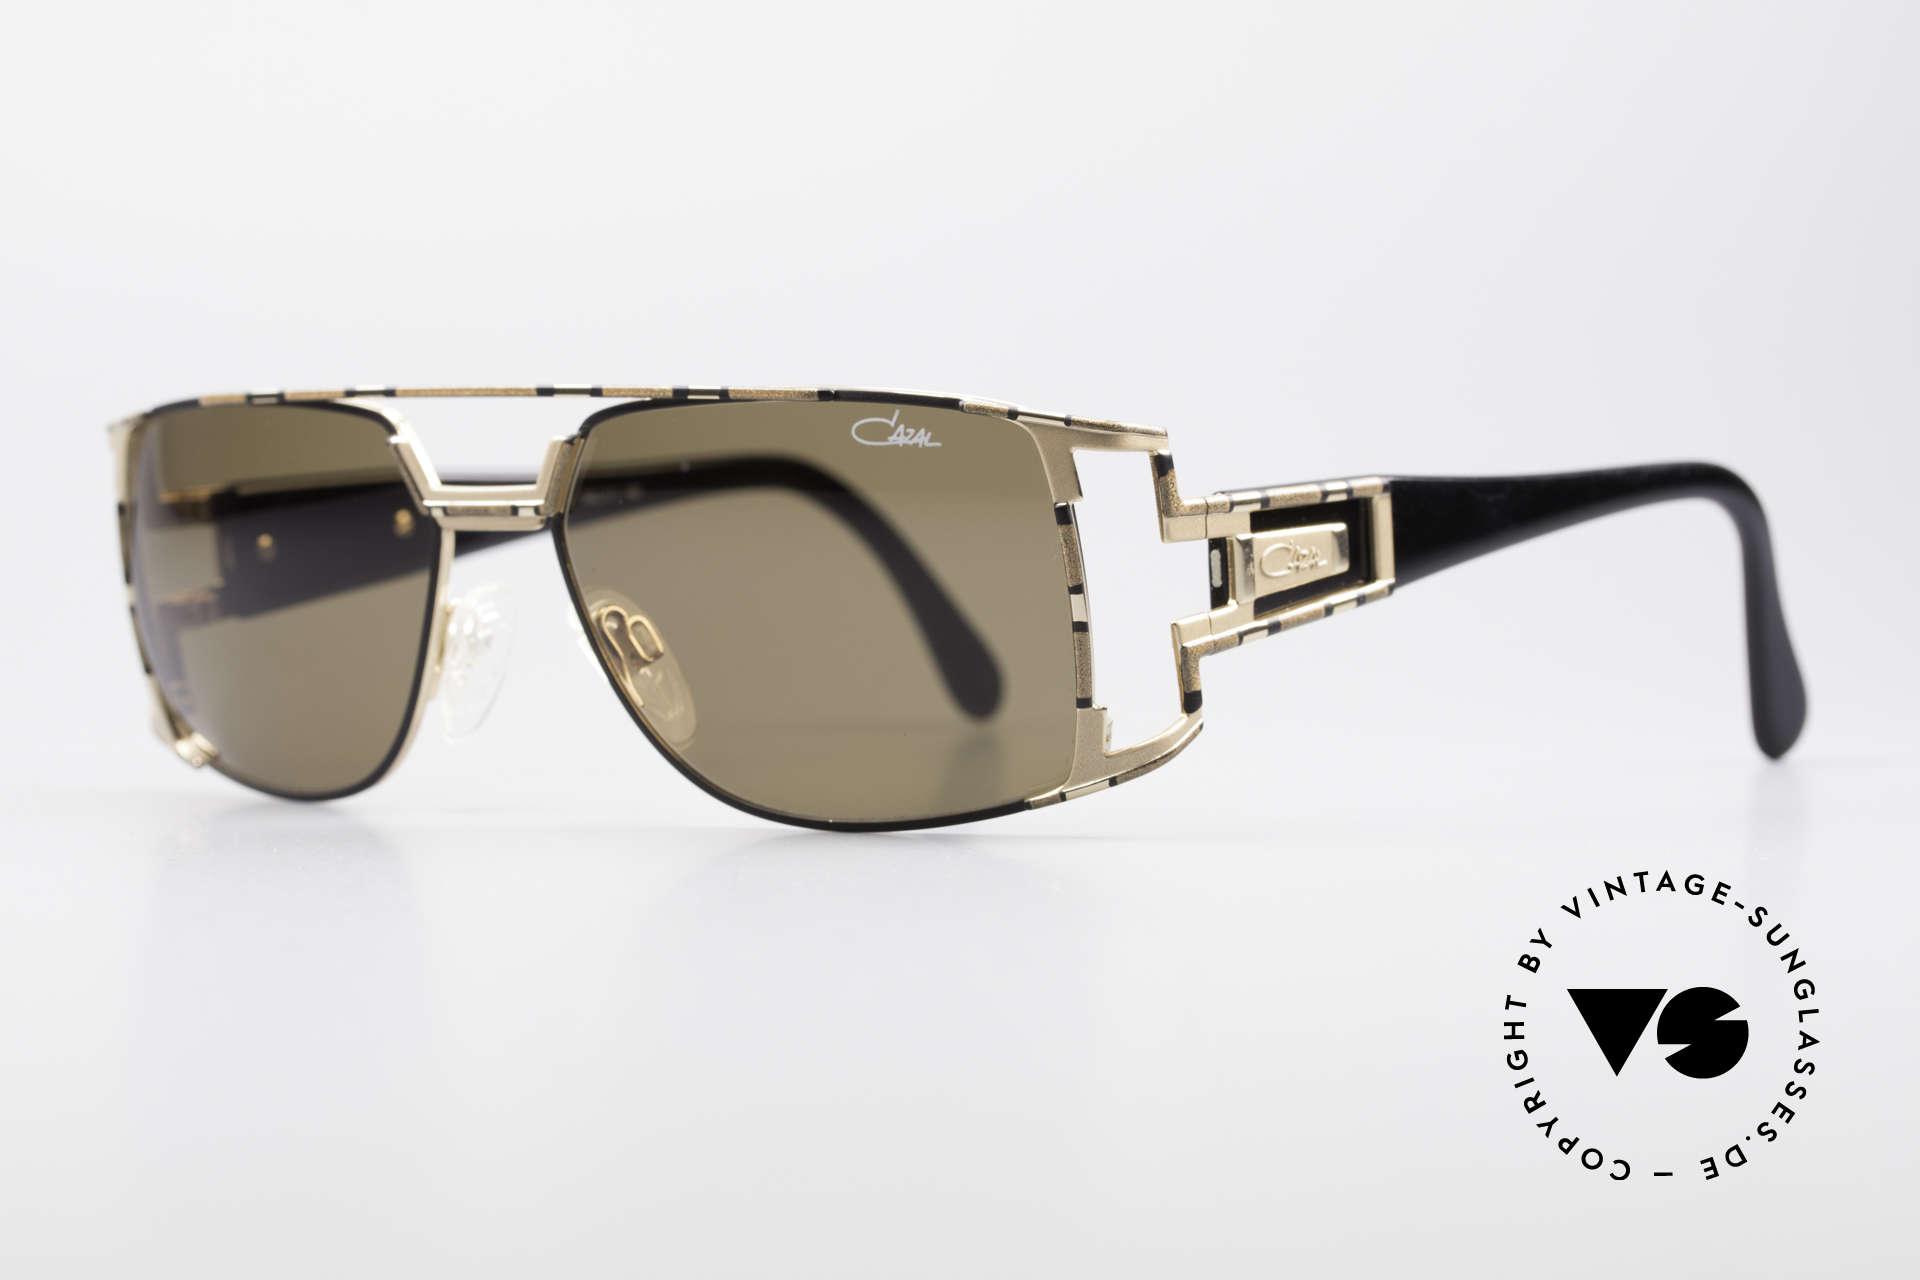 Cazal 974 Unisex Design Damen Herren, zudem sehr elegantes Farbkonzept in bronze und gold, Passend für Herren und Damen